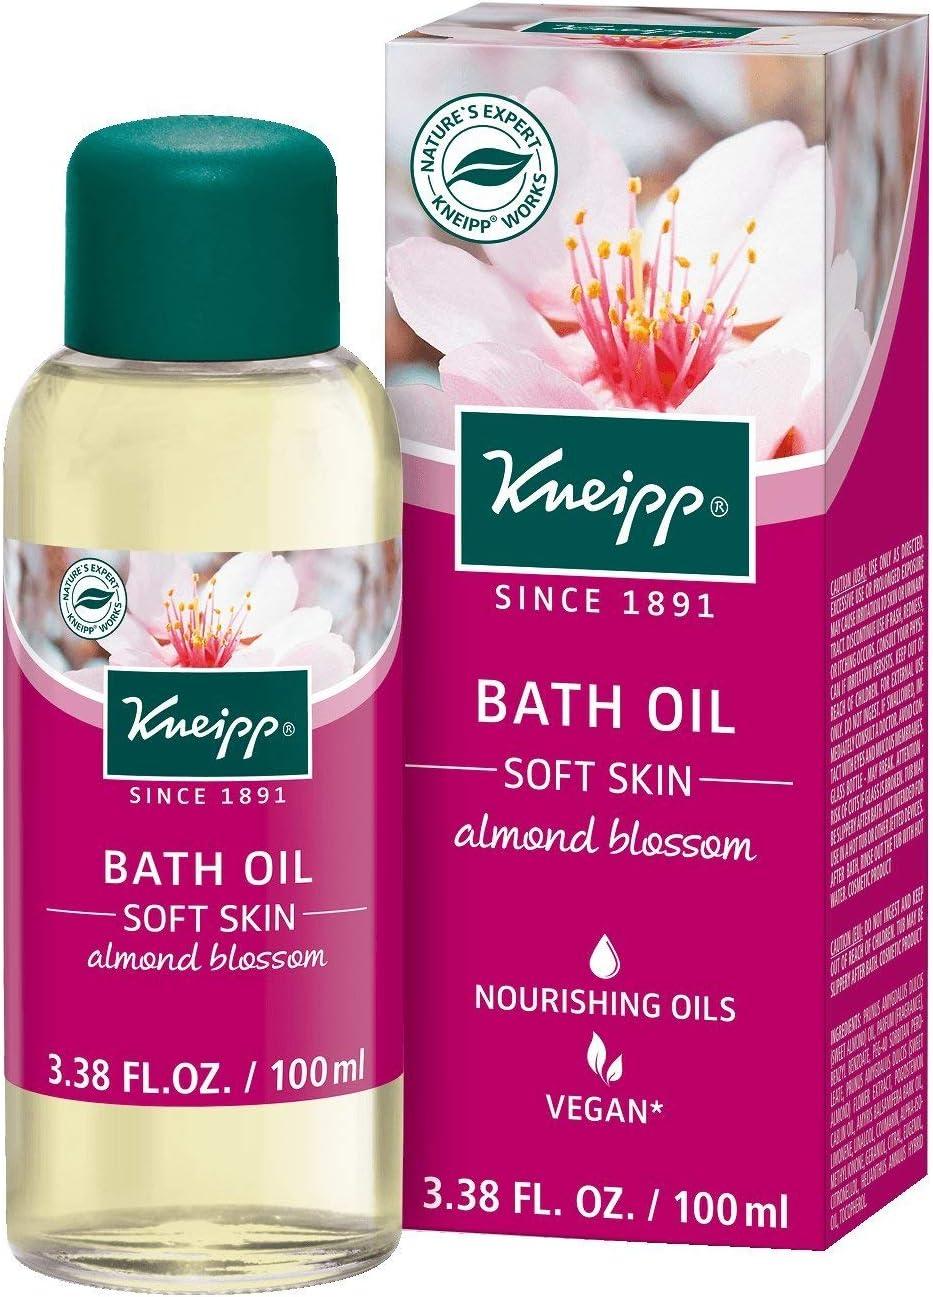 Lowest price challenge Kneipp Herbal Bath Oil Soft Skin latest Oz Almond fl. 3.38